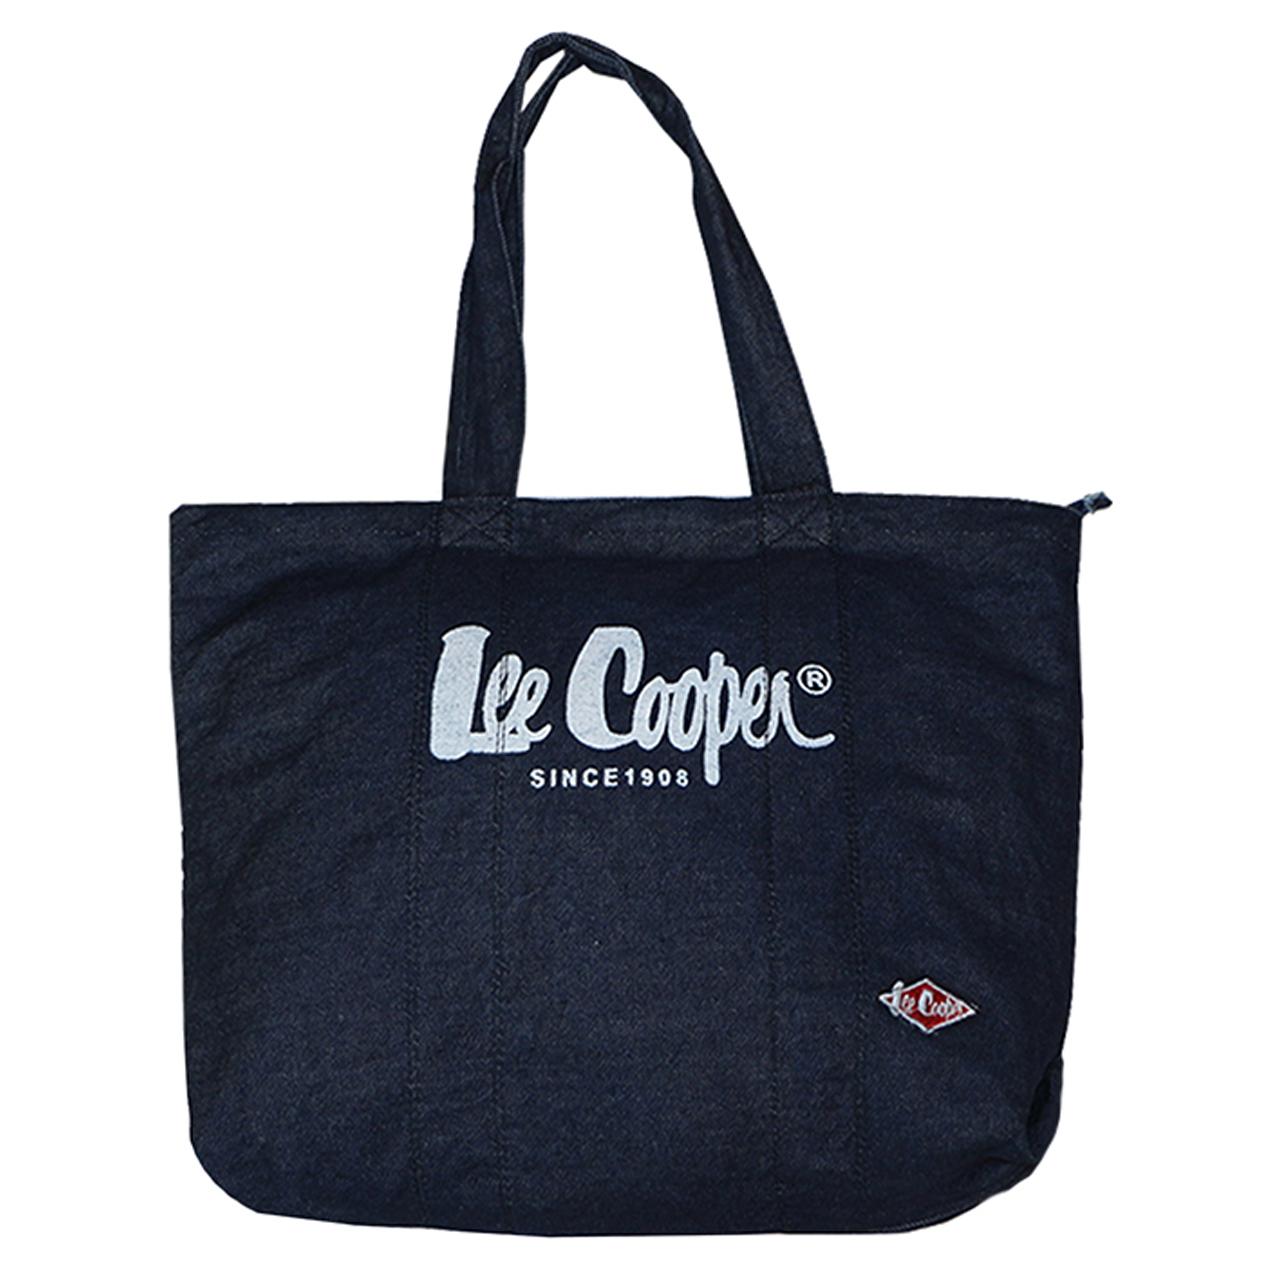 کیف دوشی زنانه لی کوپر مدل Sonya Denim Bag